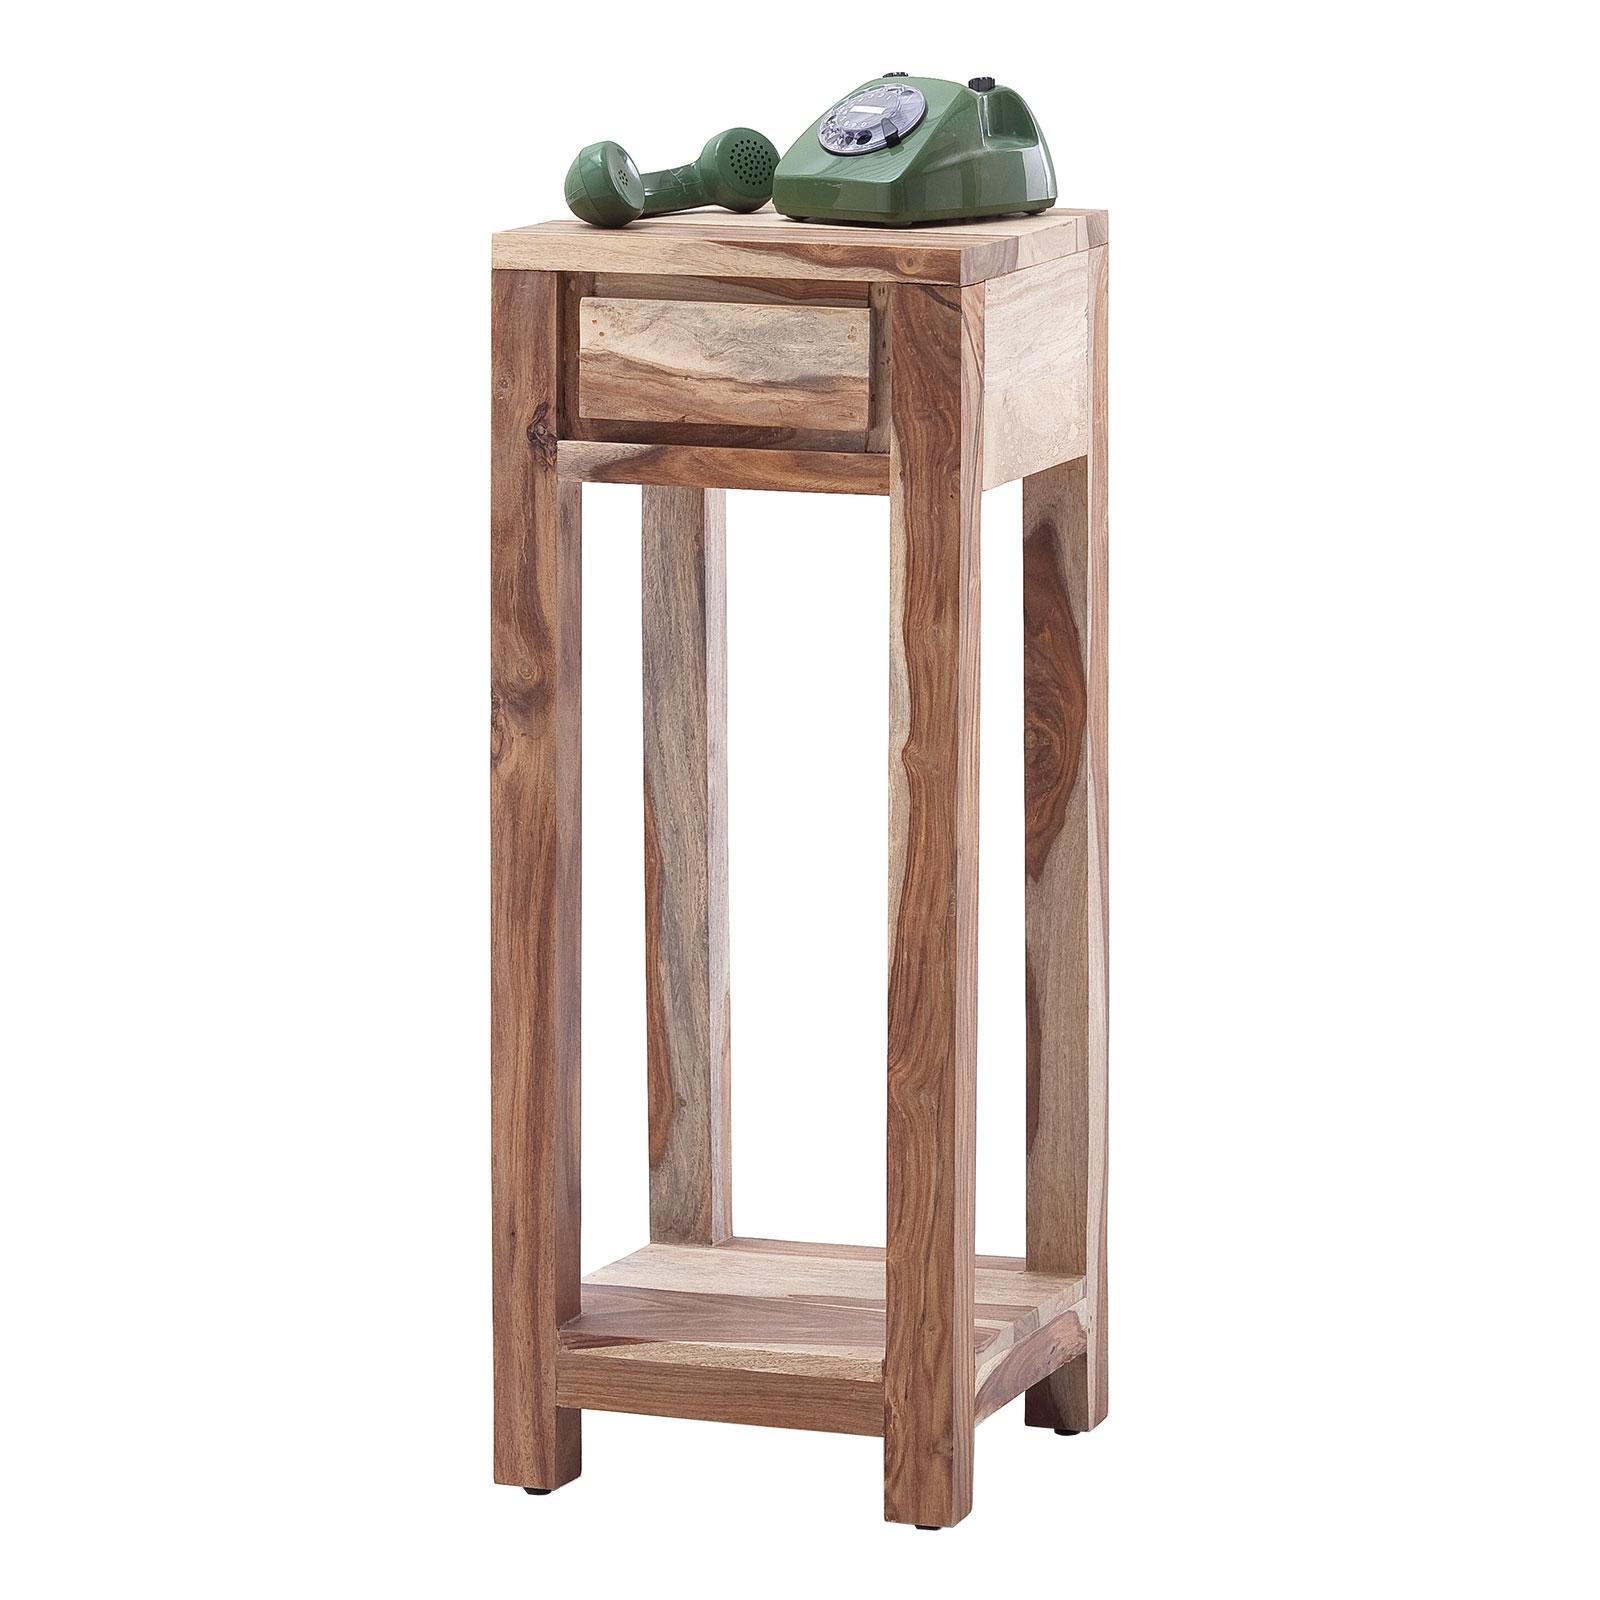 Telefontisch Ilow aus Akazie Massivholz in Natur lackiert - 30 x 60 cm